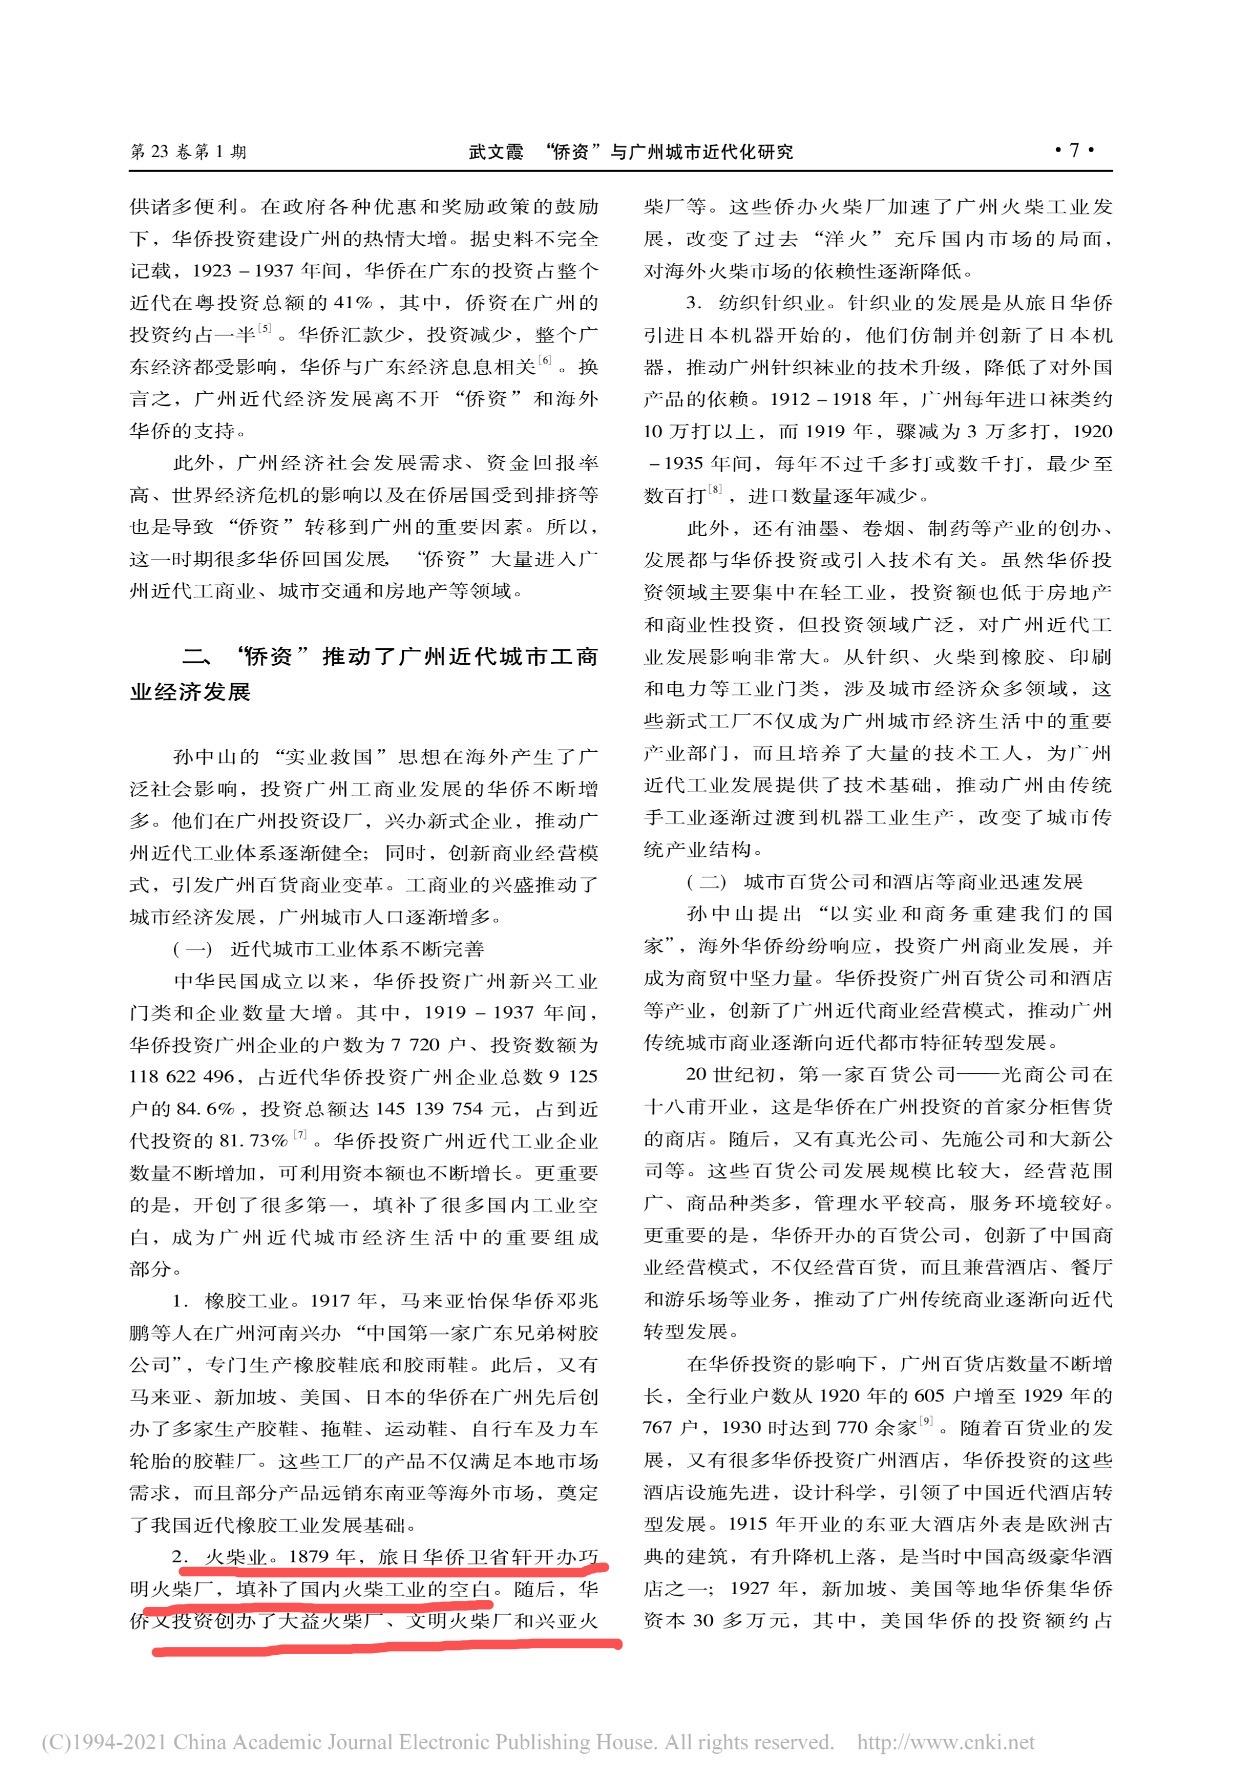 巧明火柴厂的论文2.jpg